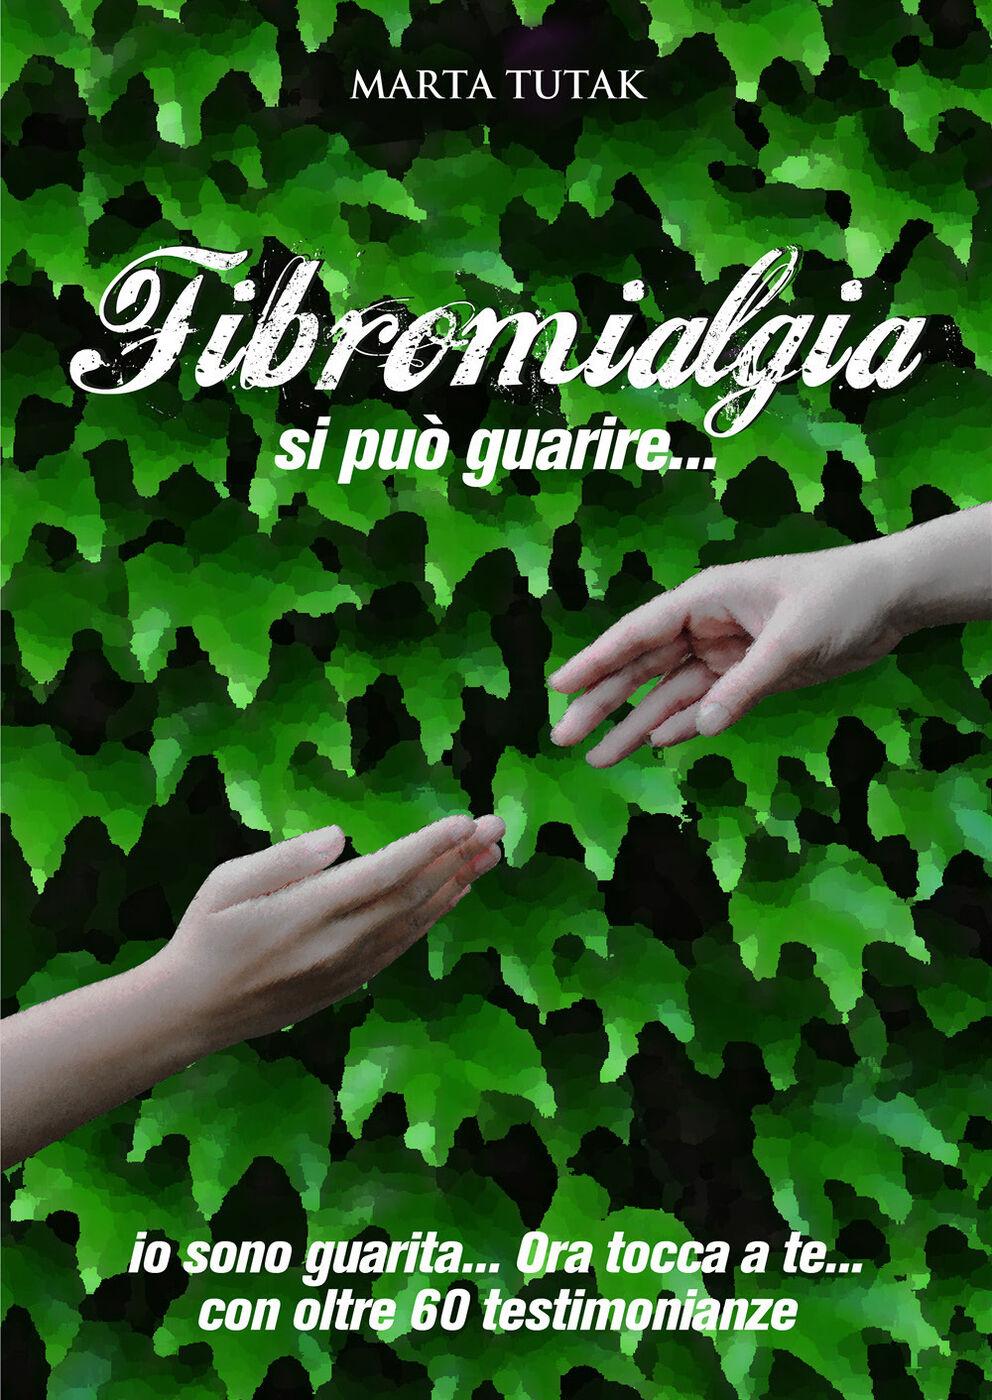 Fibromialgia si può guarire...